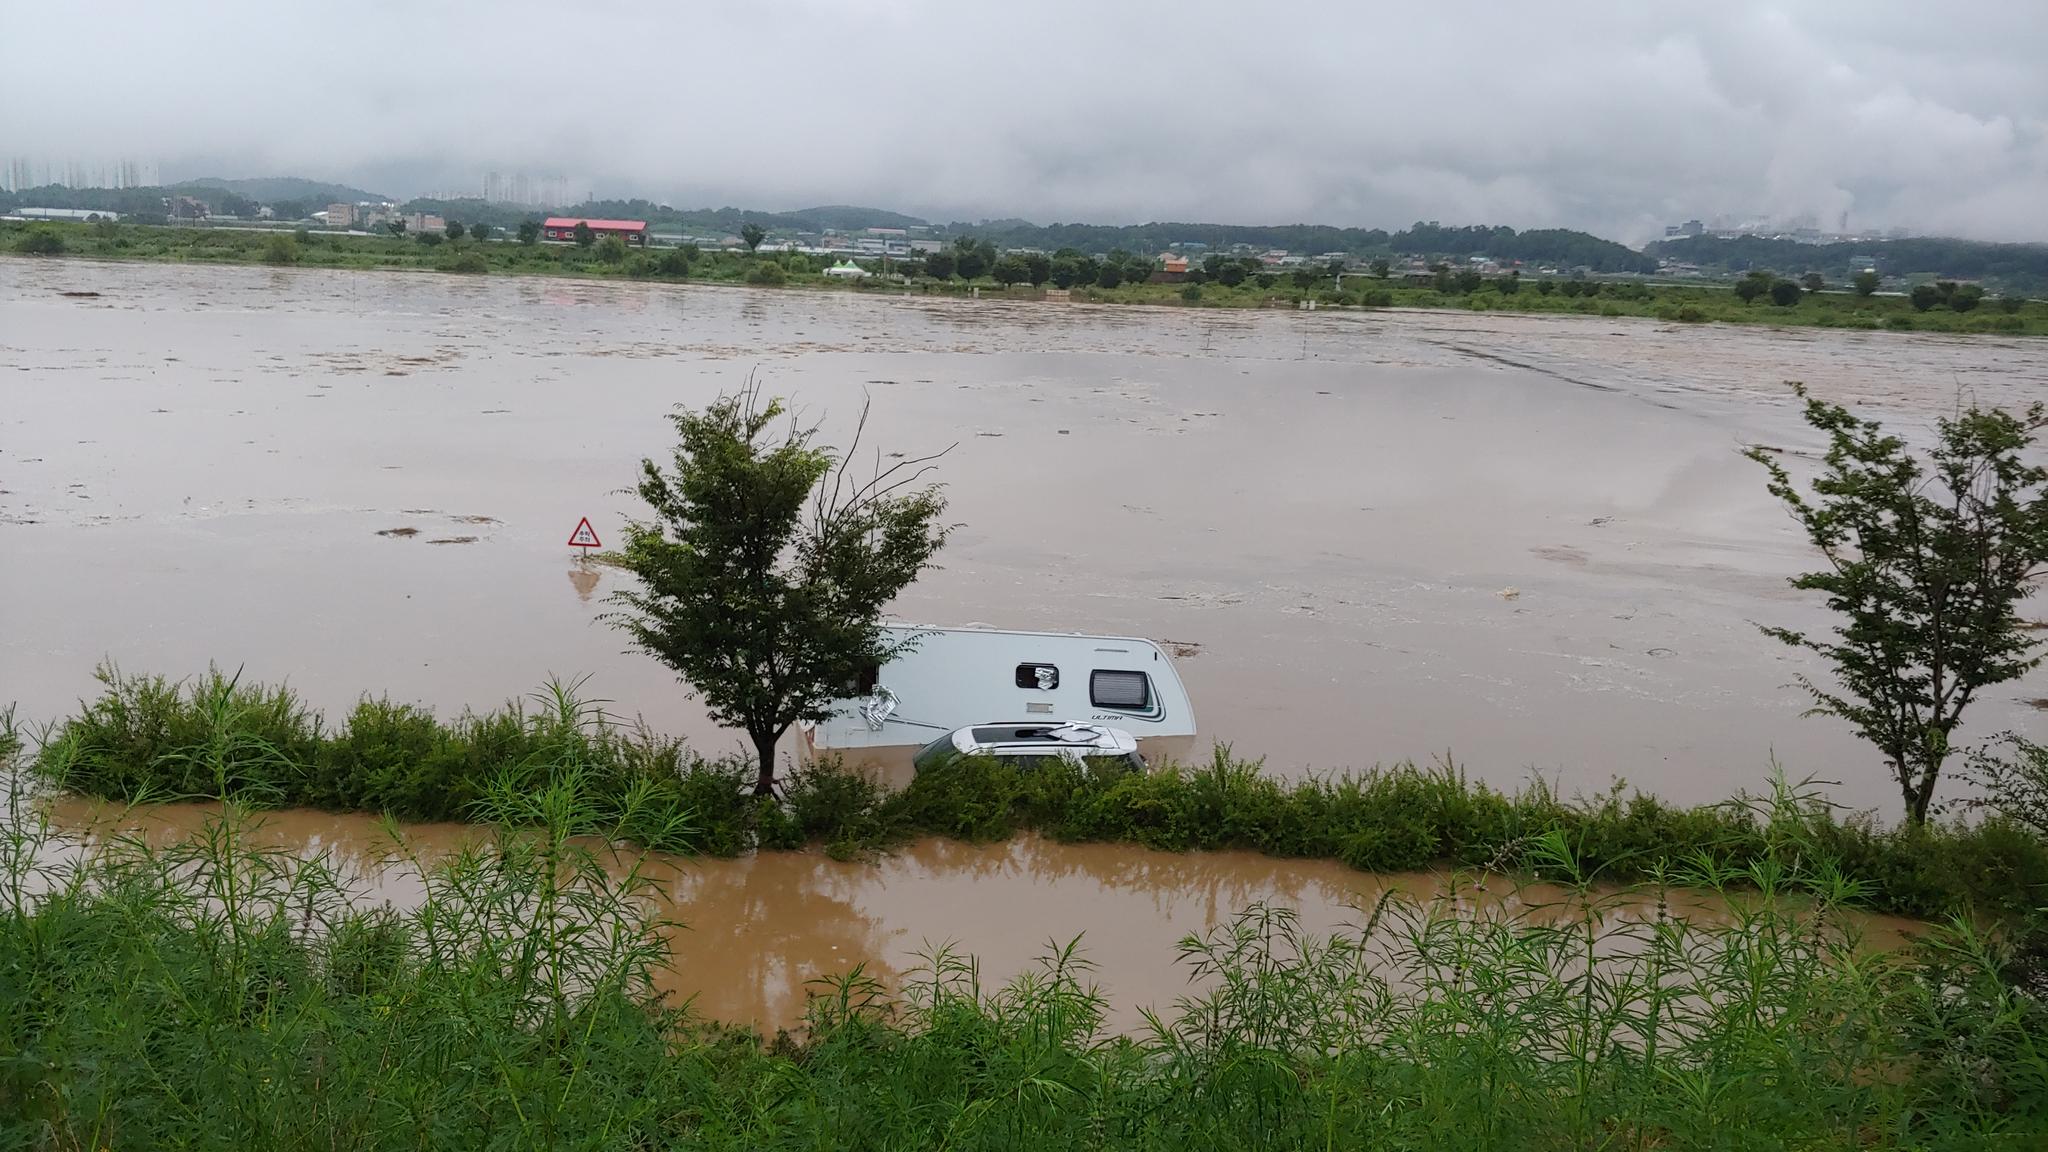 2일 내린 폭우로 충북지역에서는 폭우 피해가 잇따르고 있다. 사진은 충북 청주시 한 하천에서 캠핑카가 침수돼 있다. 사진 충북소방본부